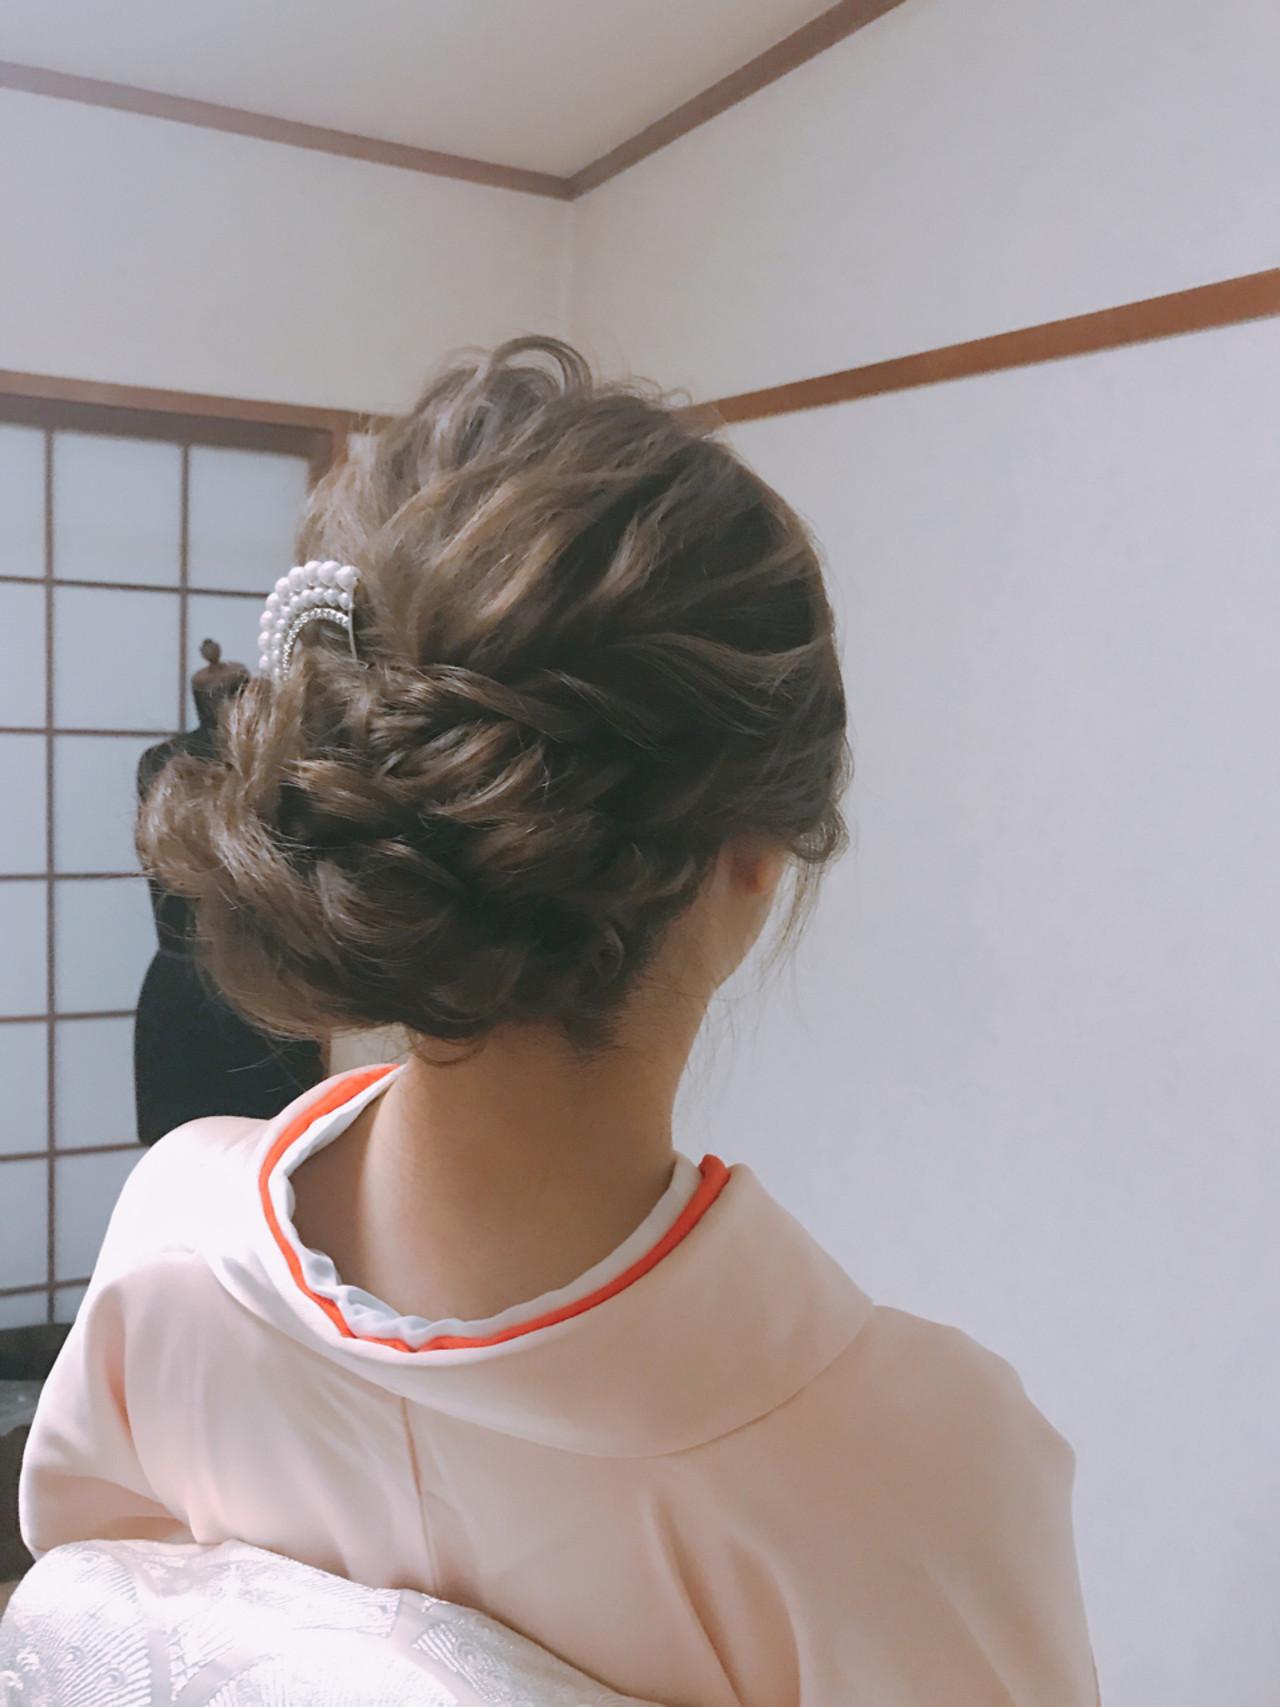 結婚式 着物 和服 エレガント ヘアスタイルや髪型の写真・画像